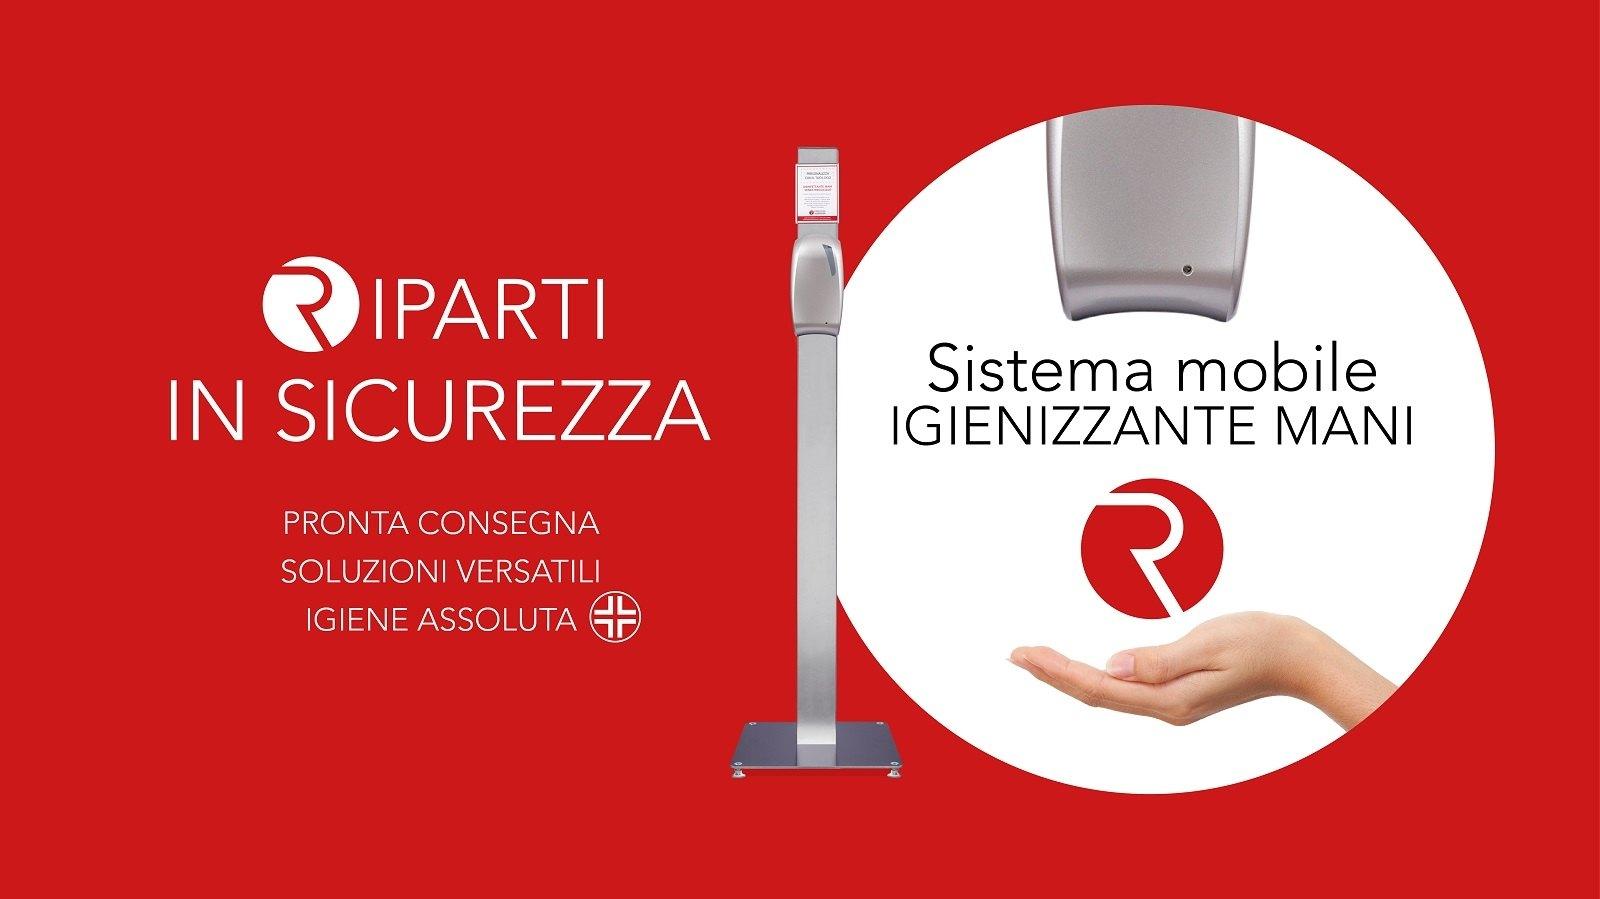 Igienizzante mani mobile